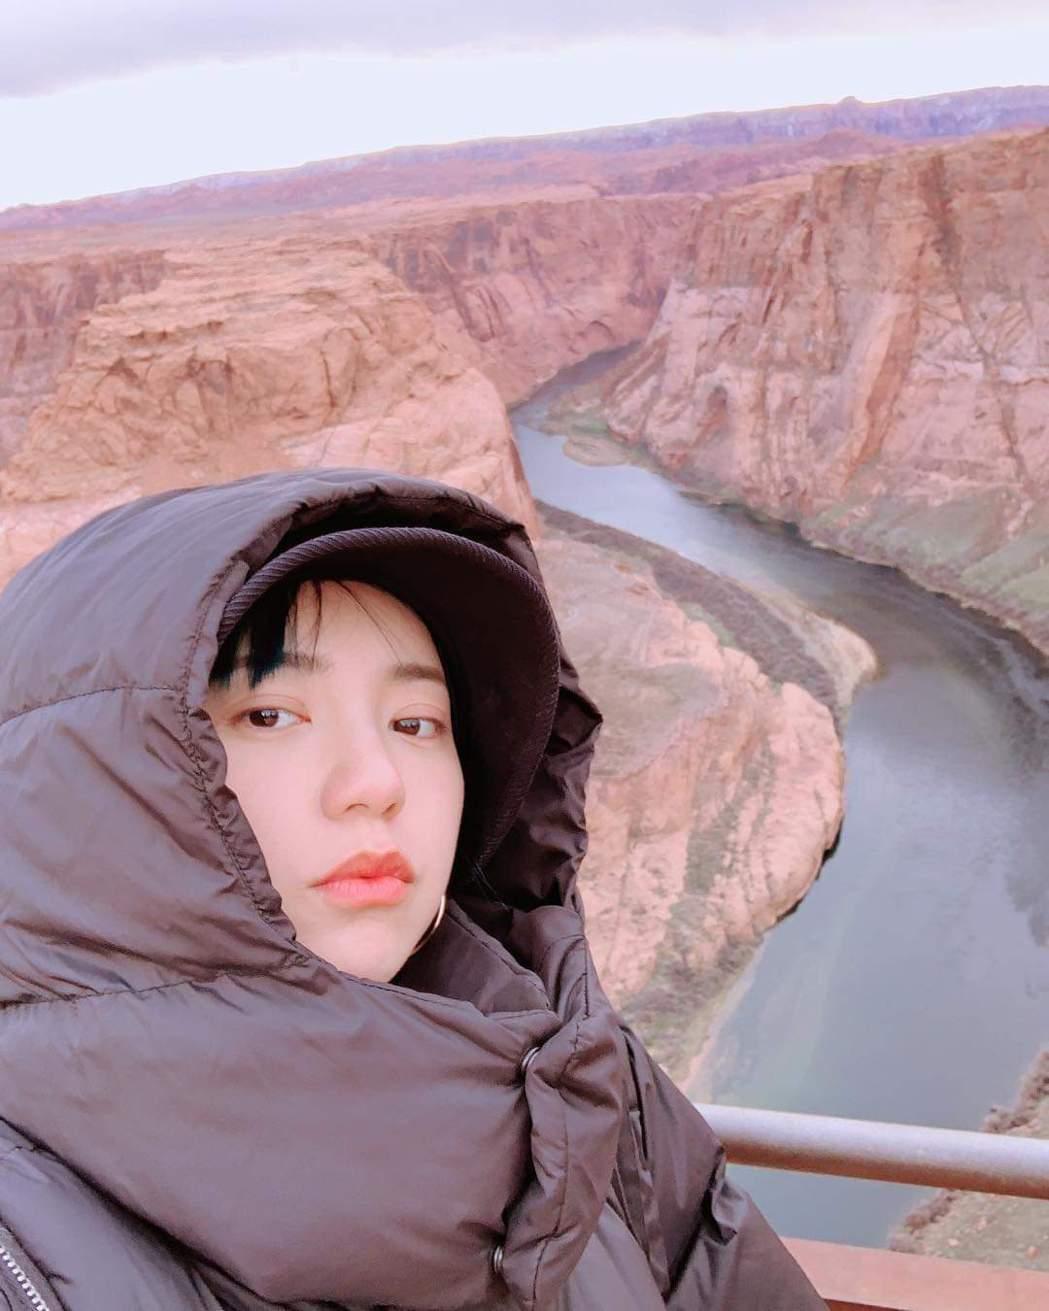 郭雪芙正在旅行度假。圖/摘自臉書